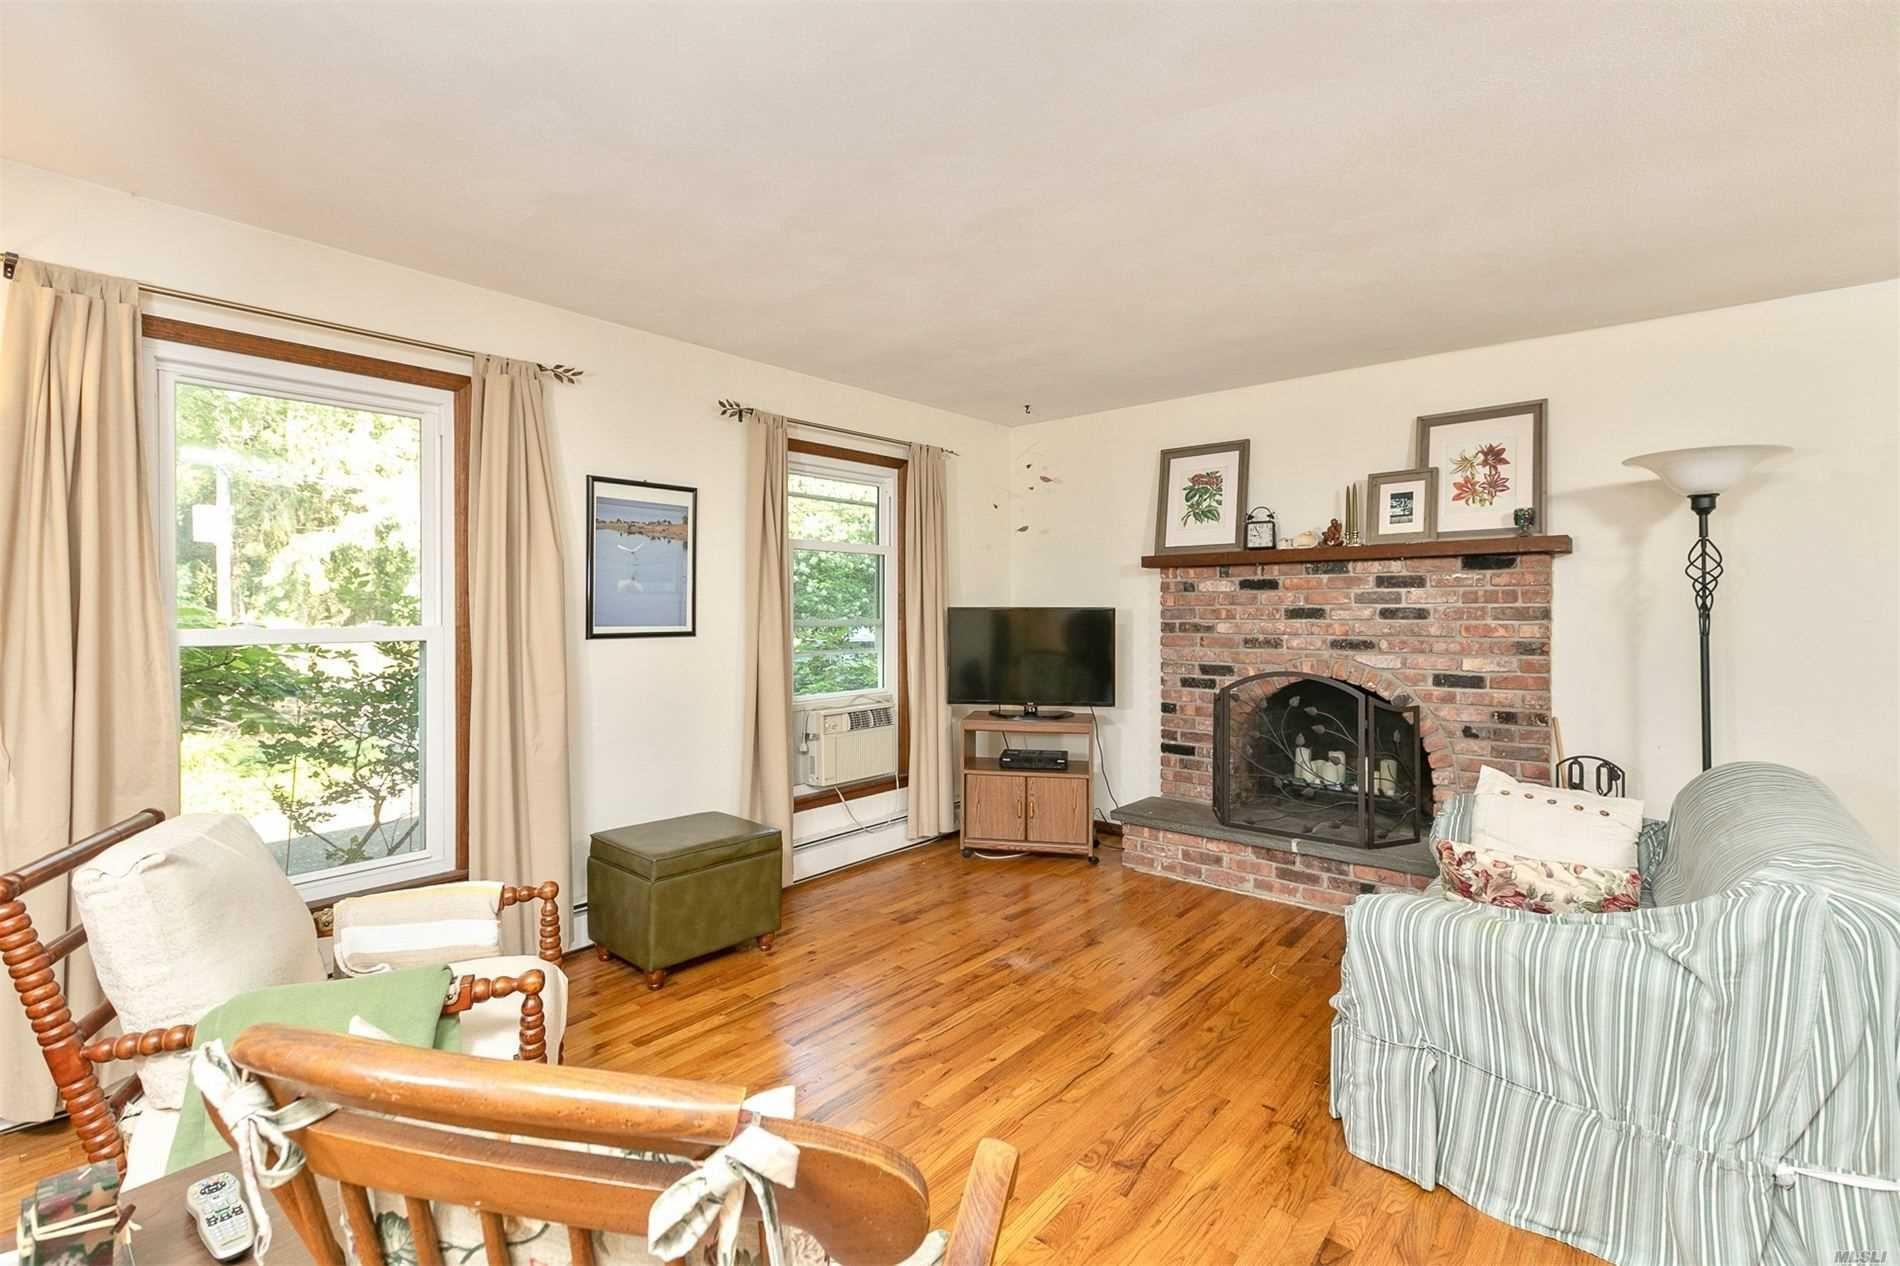 25 Harvard Road, Shoreham, NY 11786 - MLS#: 3245443